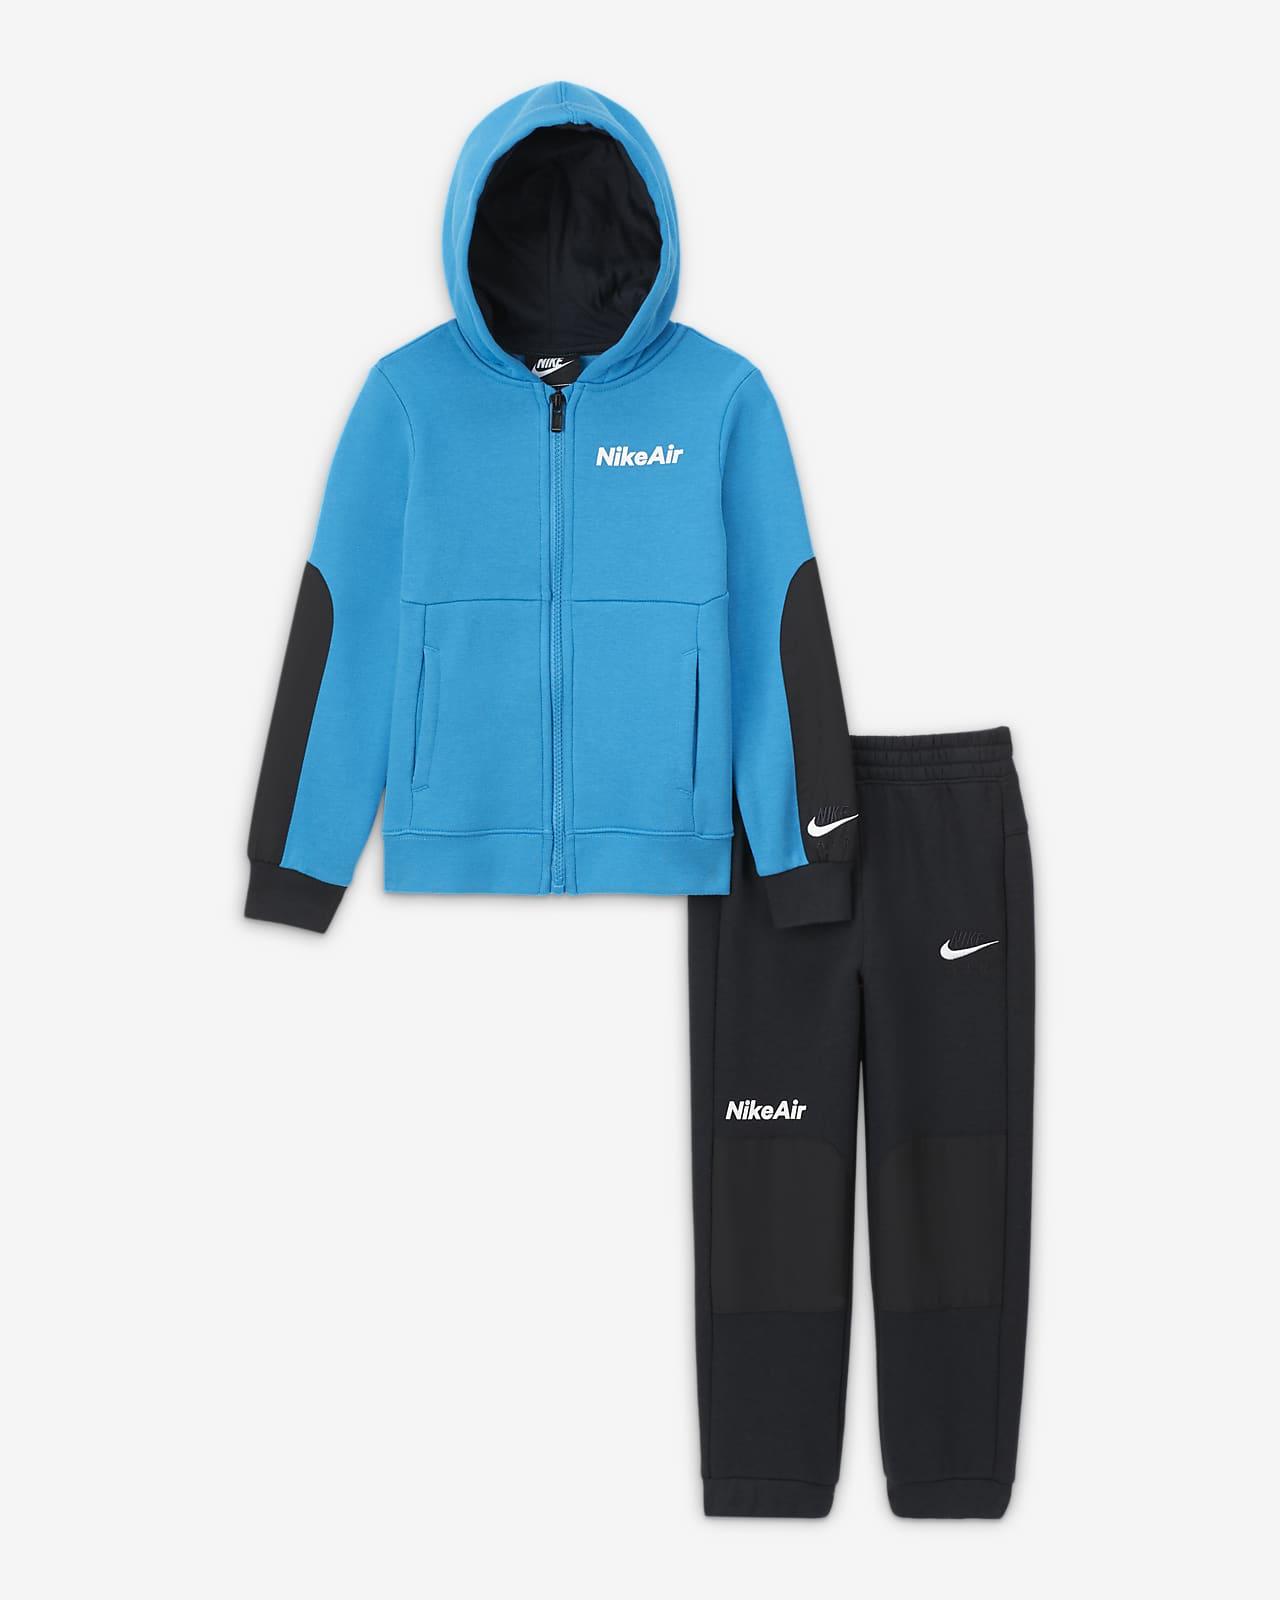 Σετ μπλούζα με κουκούλα και φερμουάρ και παντελόνι Nike Air για νήπια